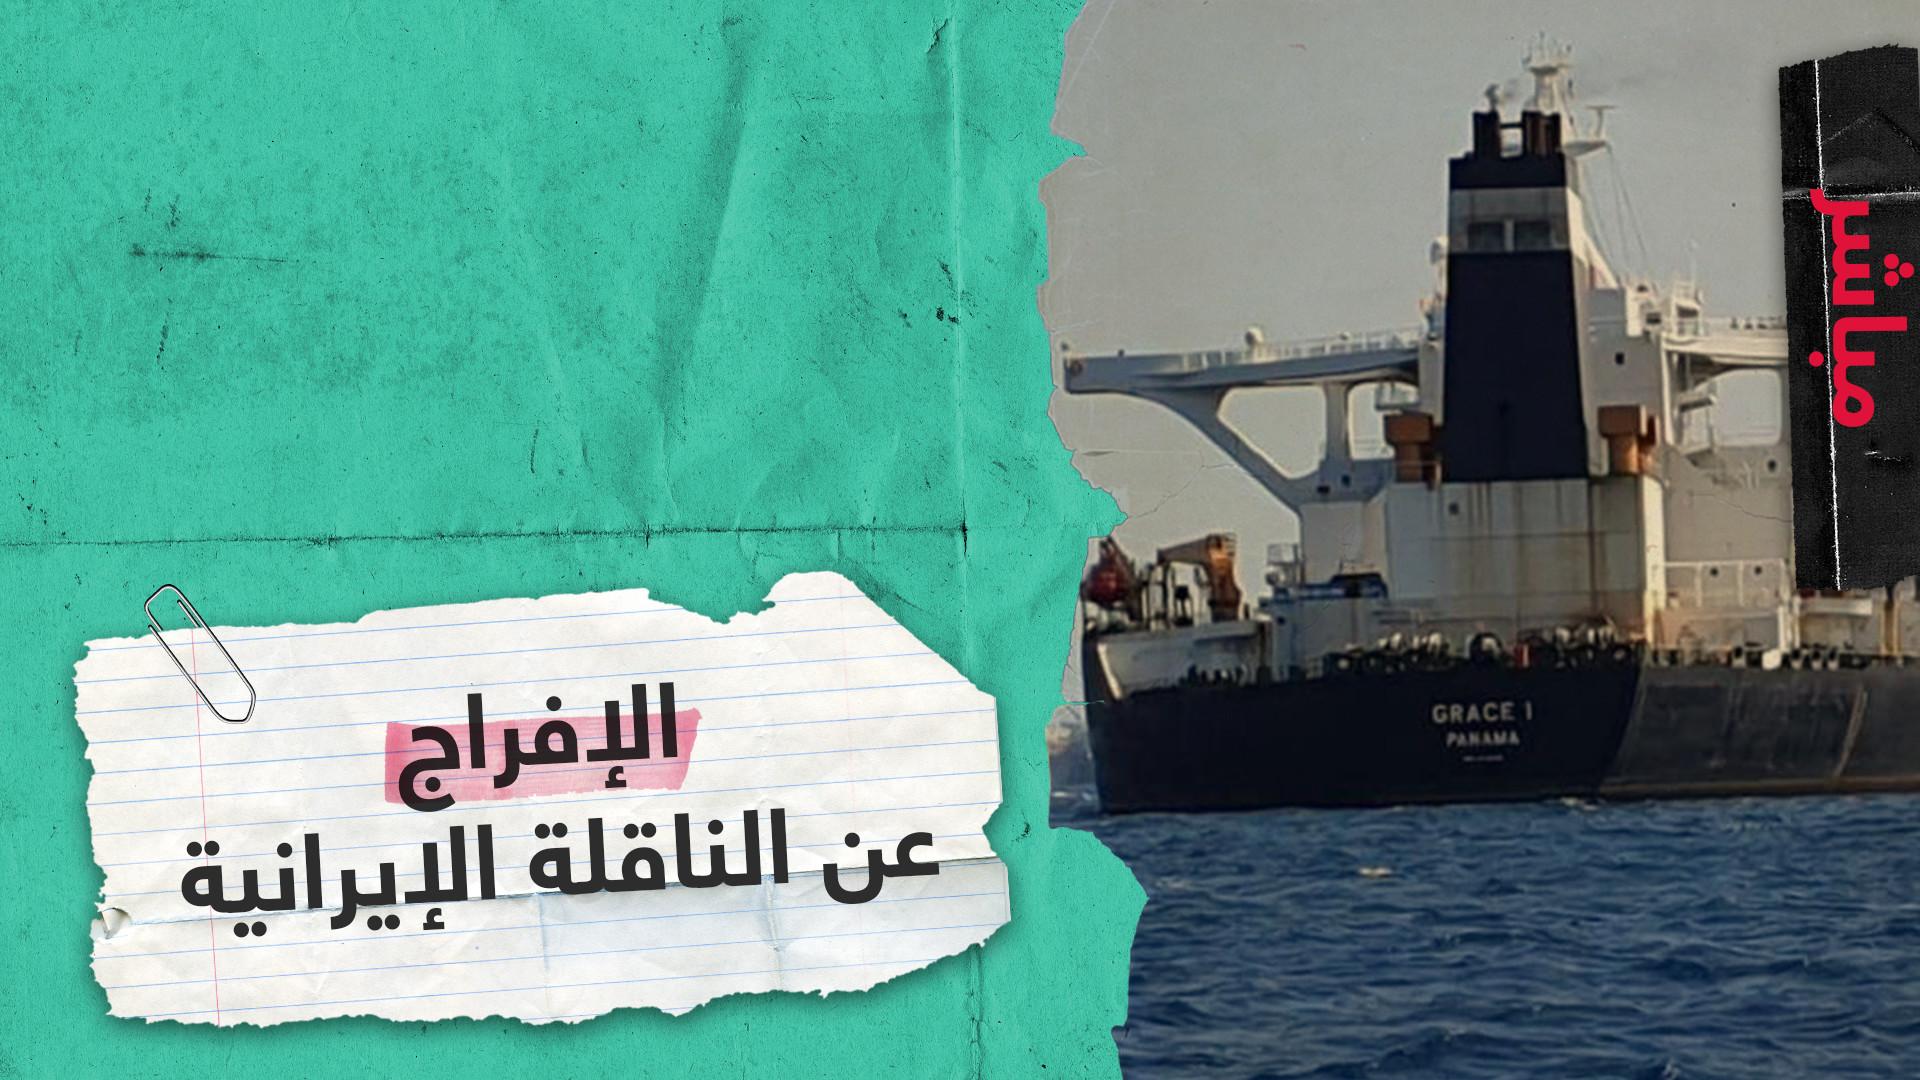 سلطات جبل طارق تفرج عن ناقلة النفط الإيرانية